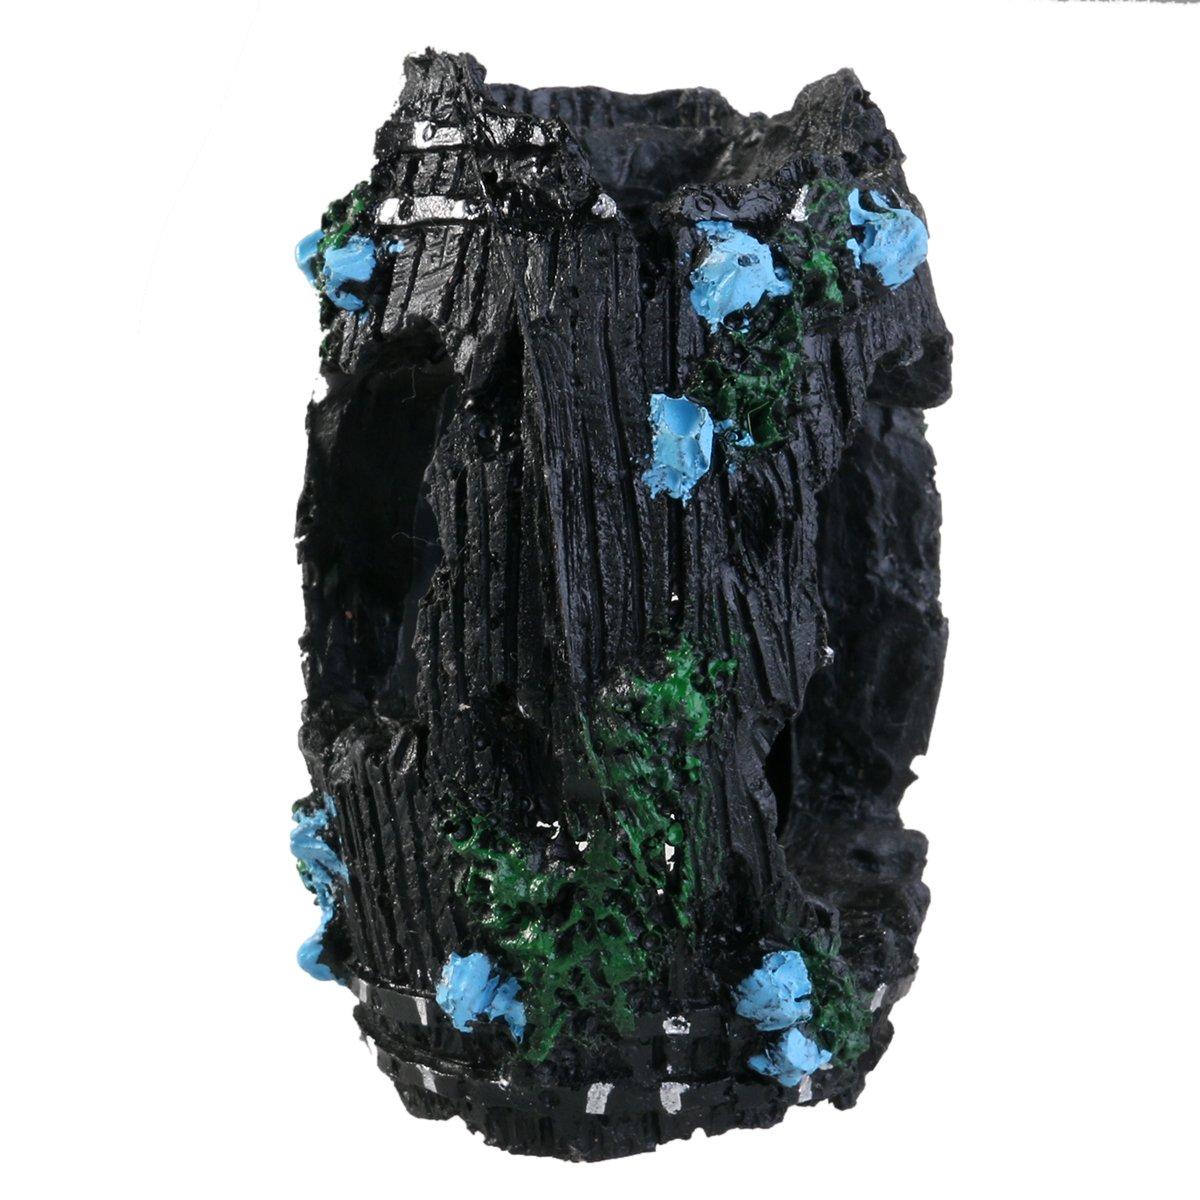 POPETPOP Artificial Tronco de /árbol Decoraci/ón del Acuario Tanque de Peces Betta Camarones Cueva de Madera Maceta